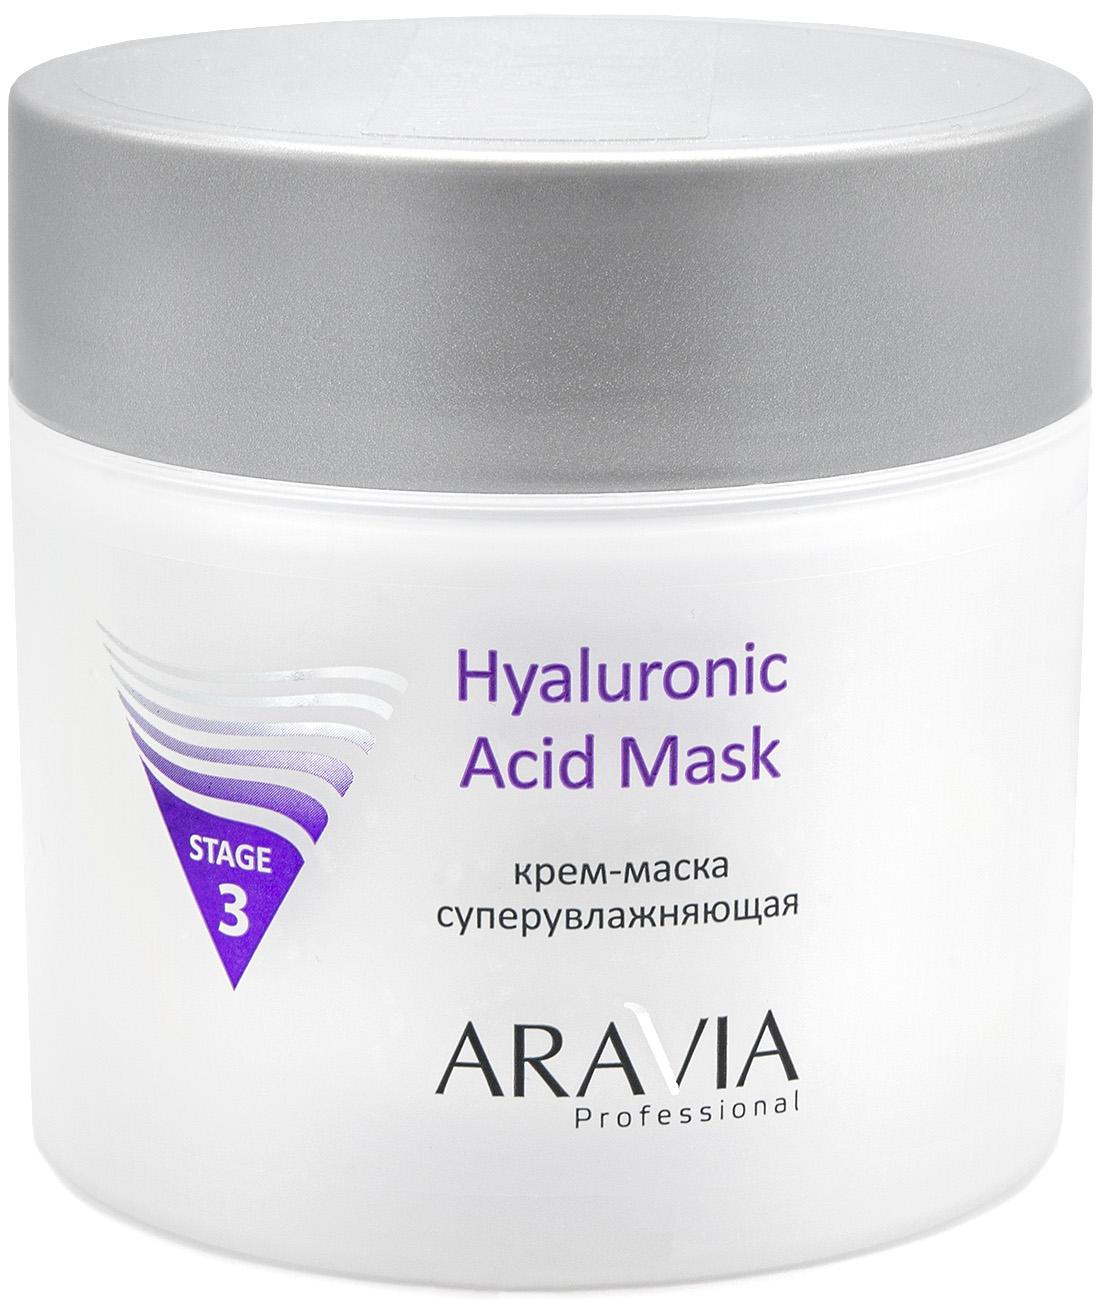 Купить Aravia Professional Крем-маска супер увлажняющая Hyaluronic Acid Mask, 300 мл (Aravia Professional, Уход за лицом), Россия